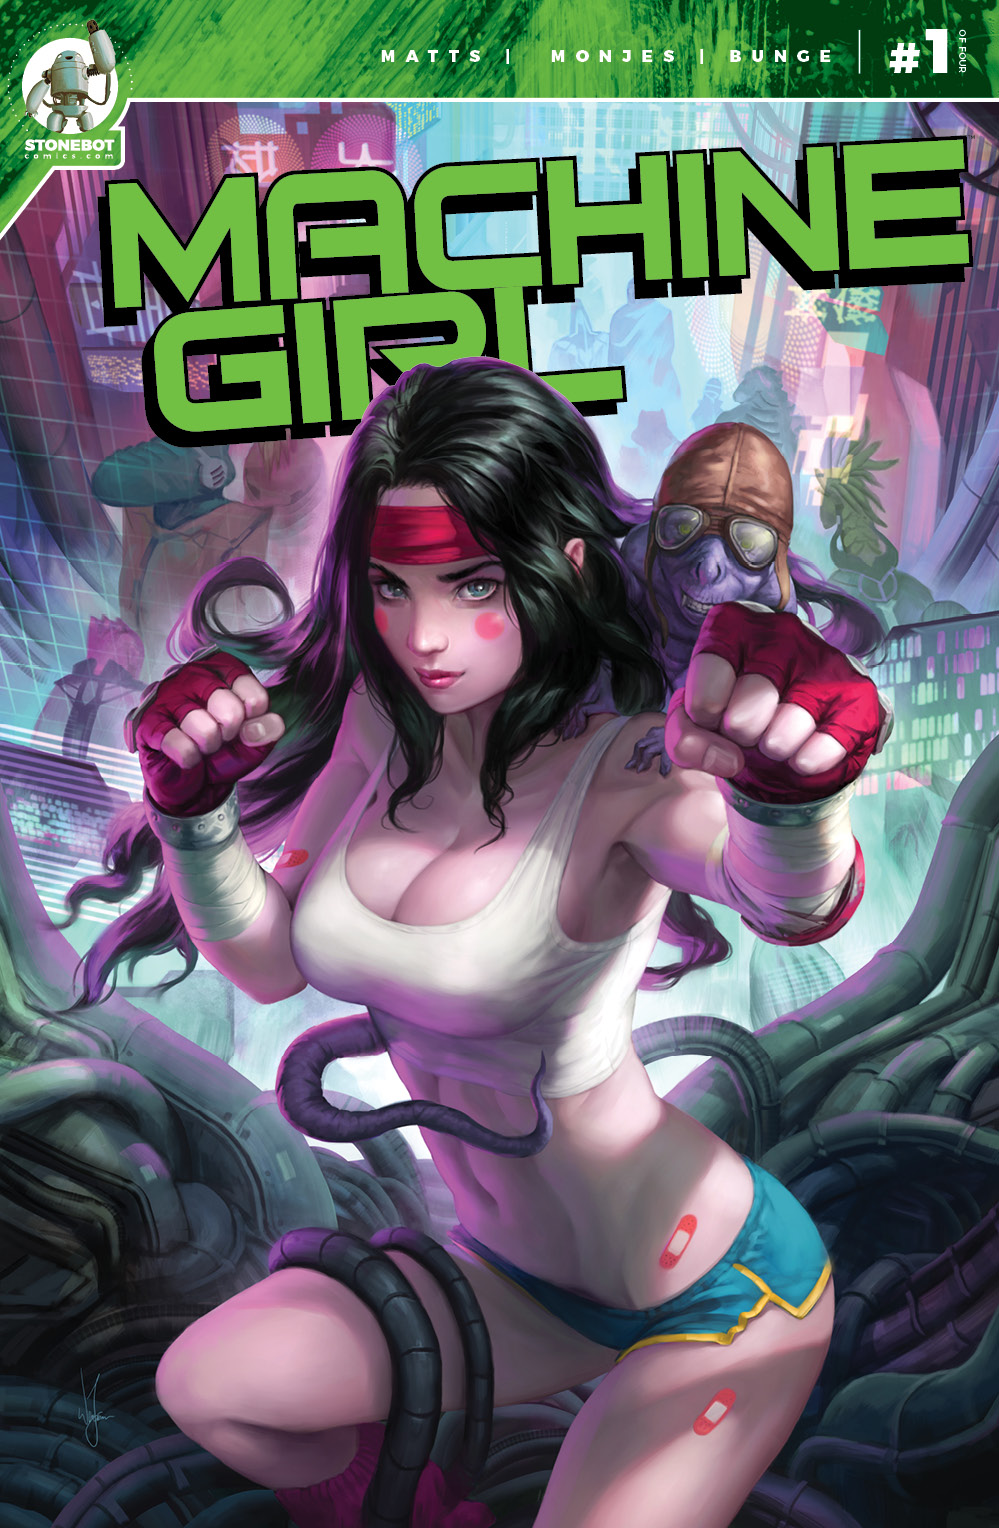 MACHINE GIRL Chapter #1